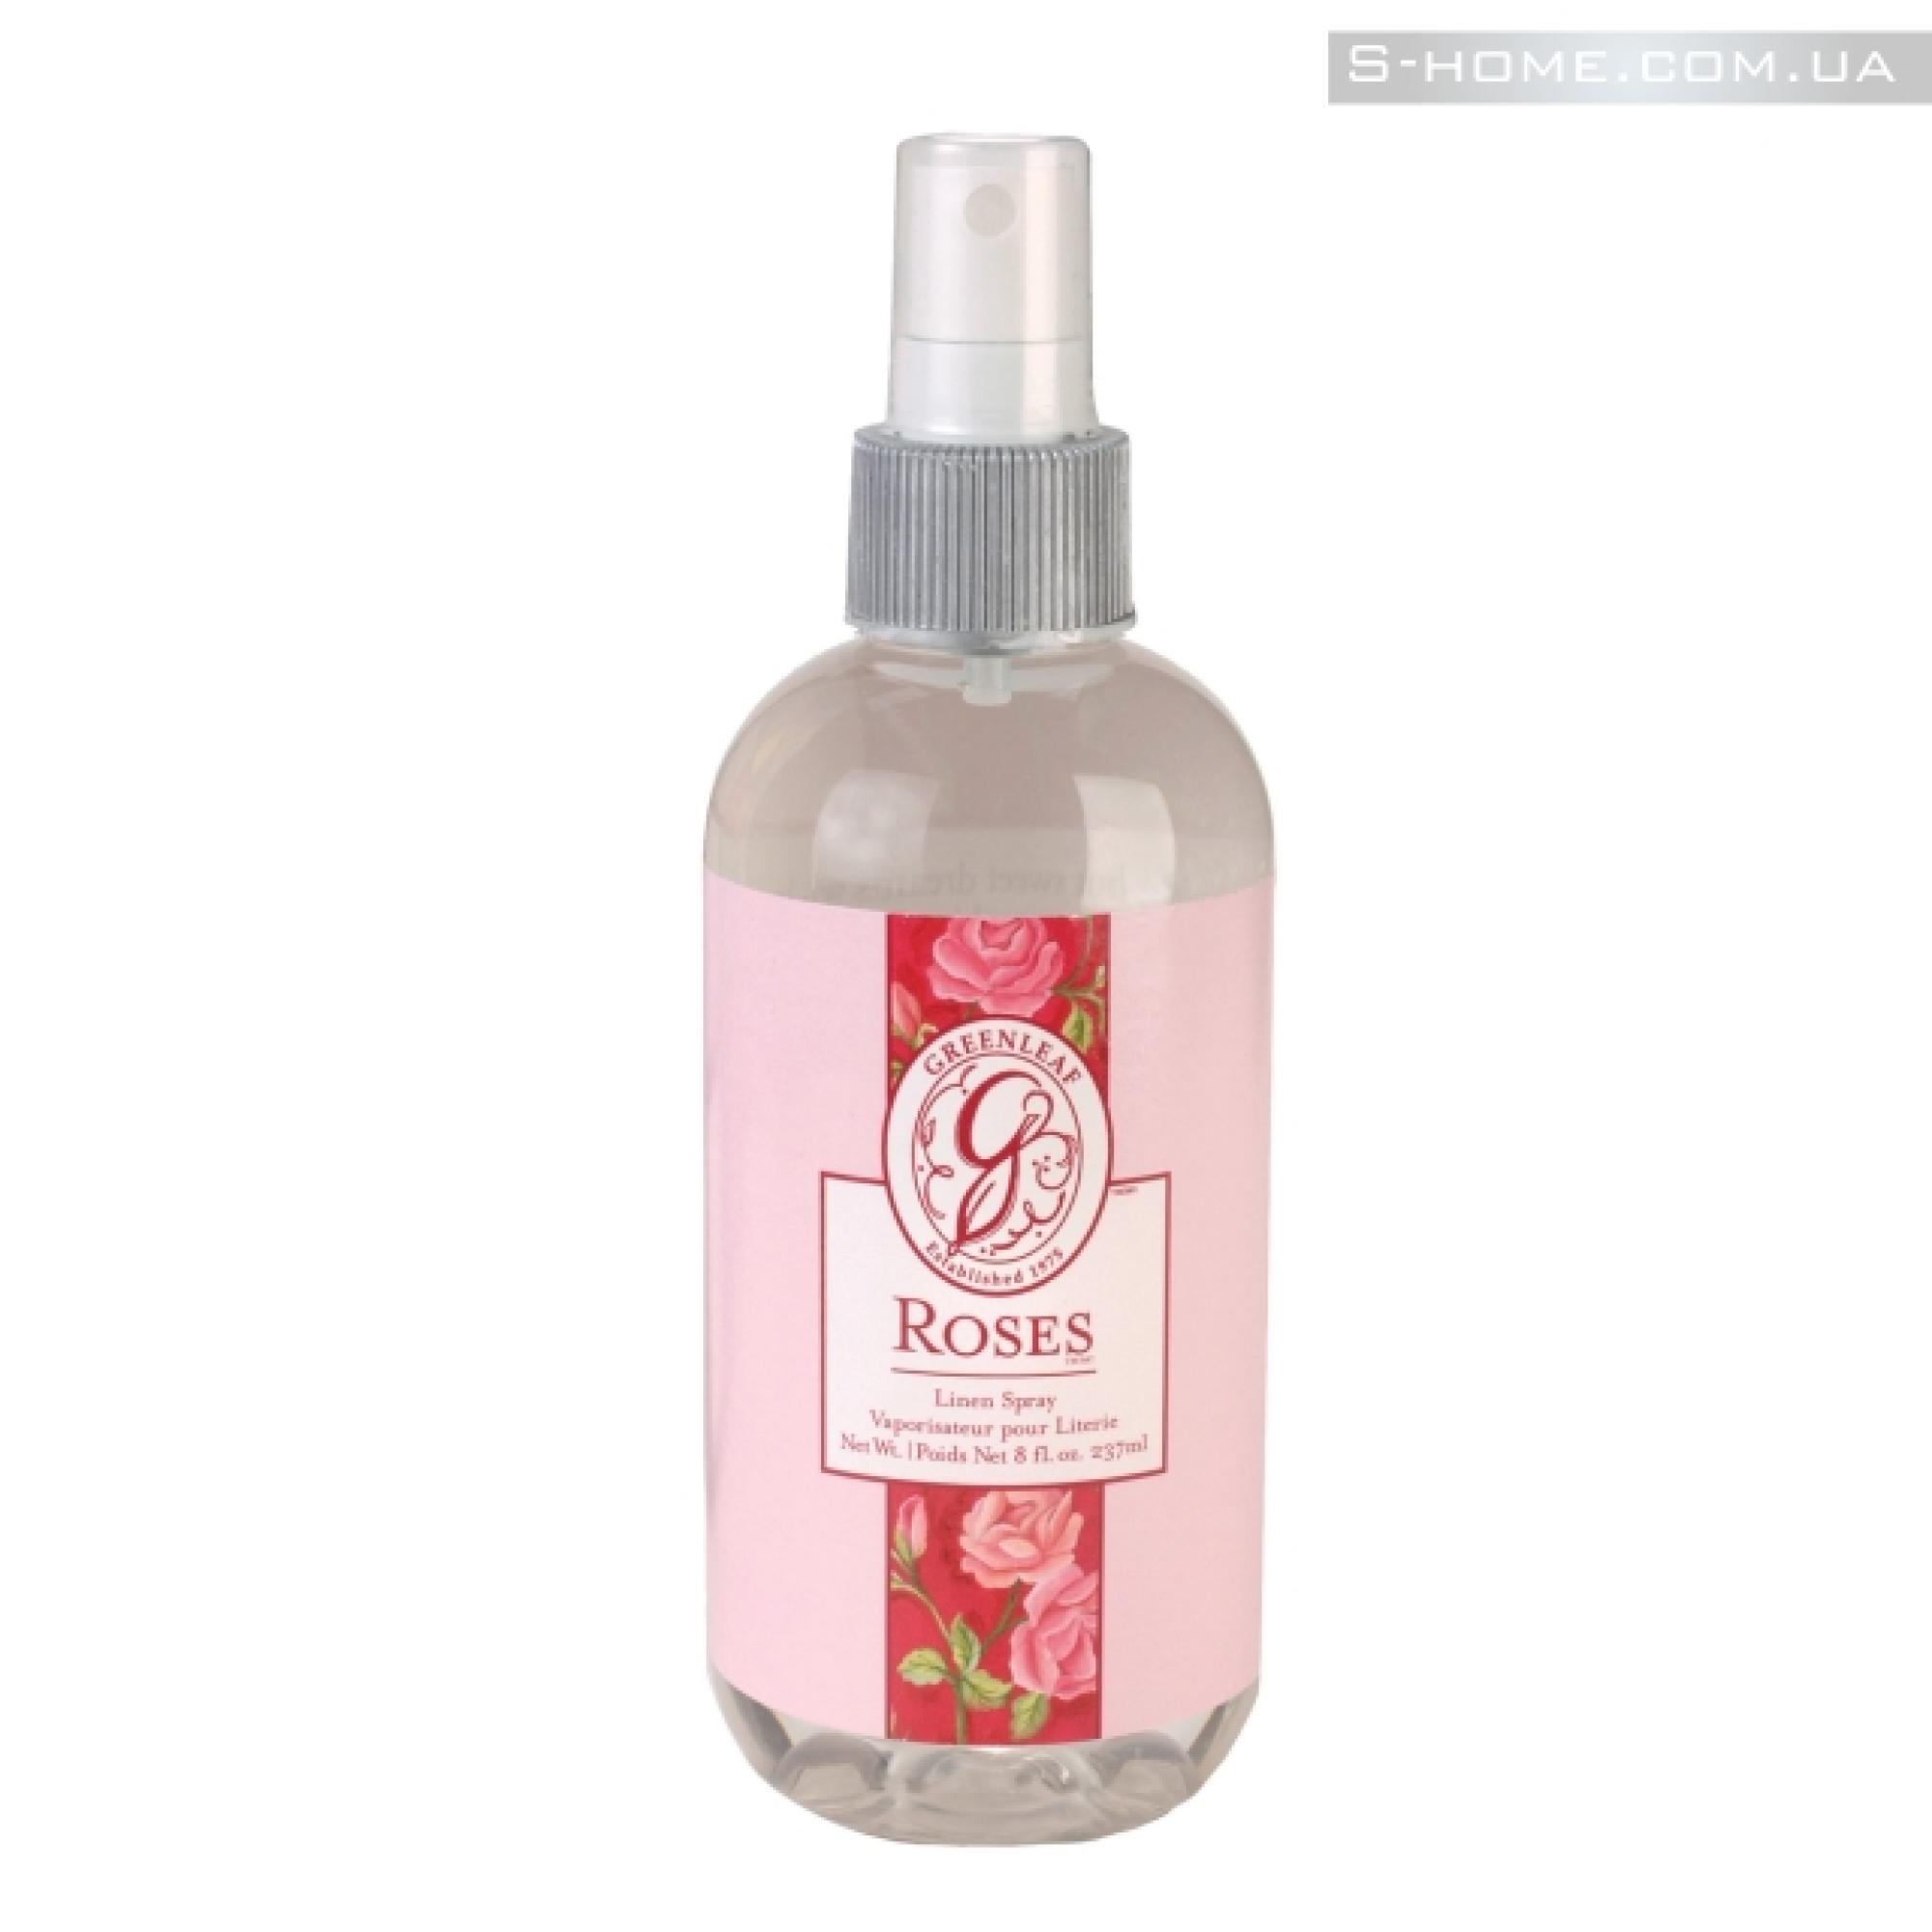 Ароматический спрей для постельного белья Greenleaf Розы (Roses)